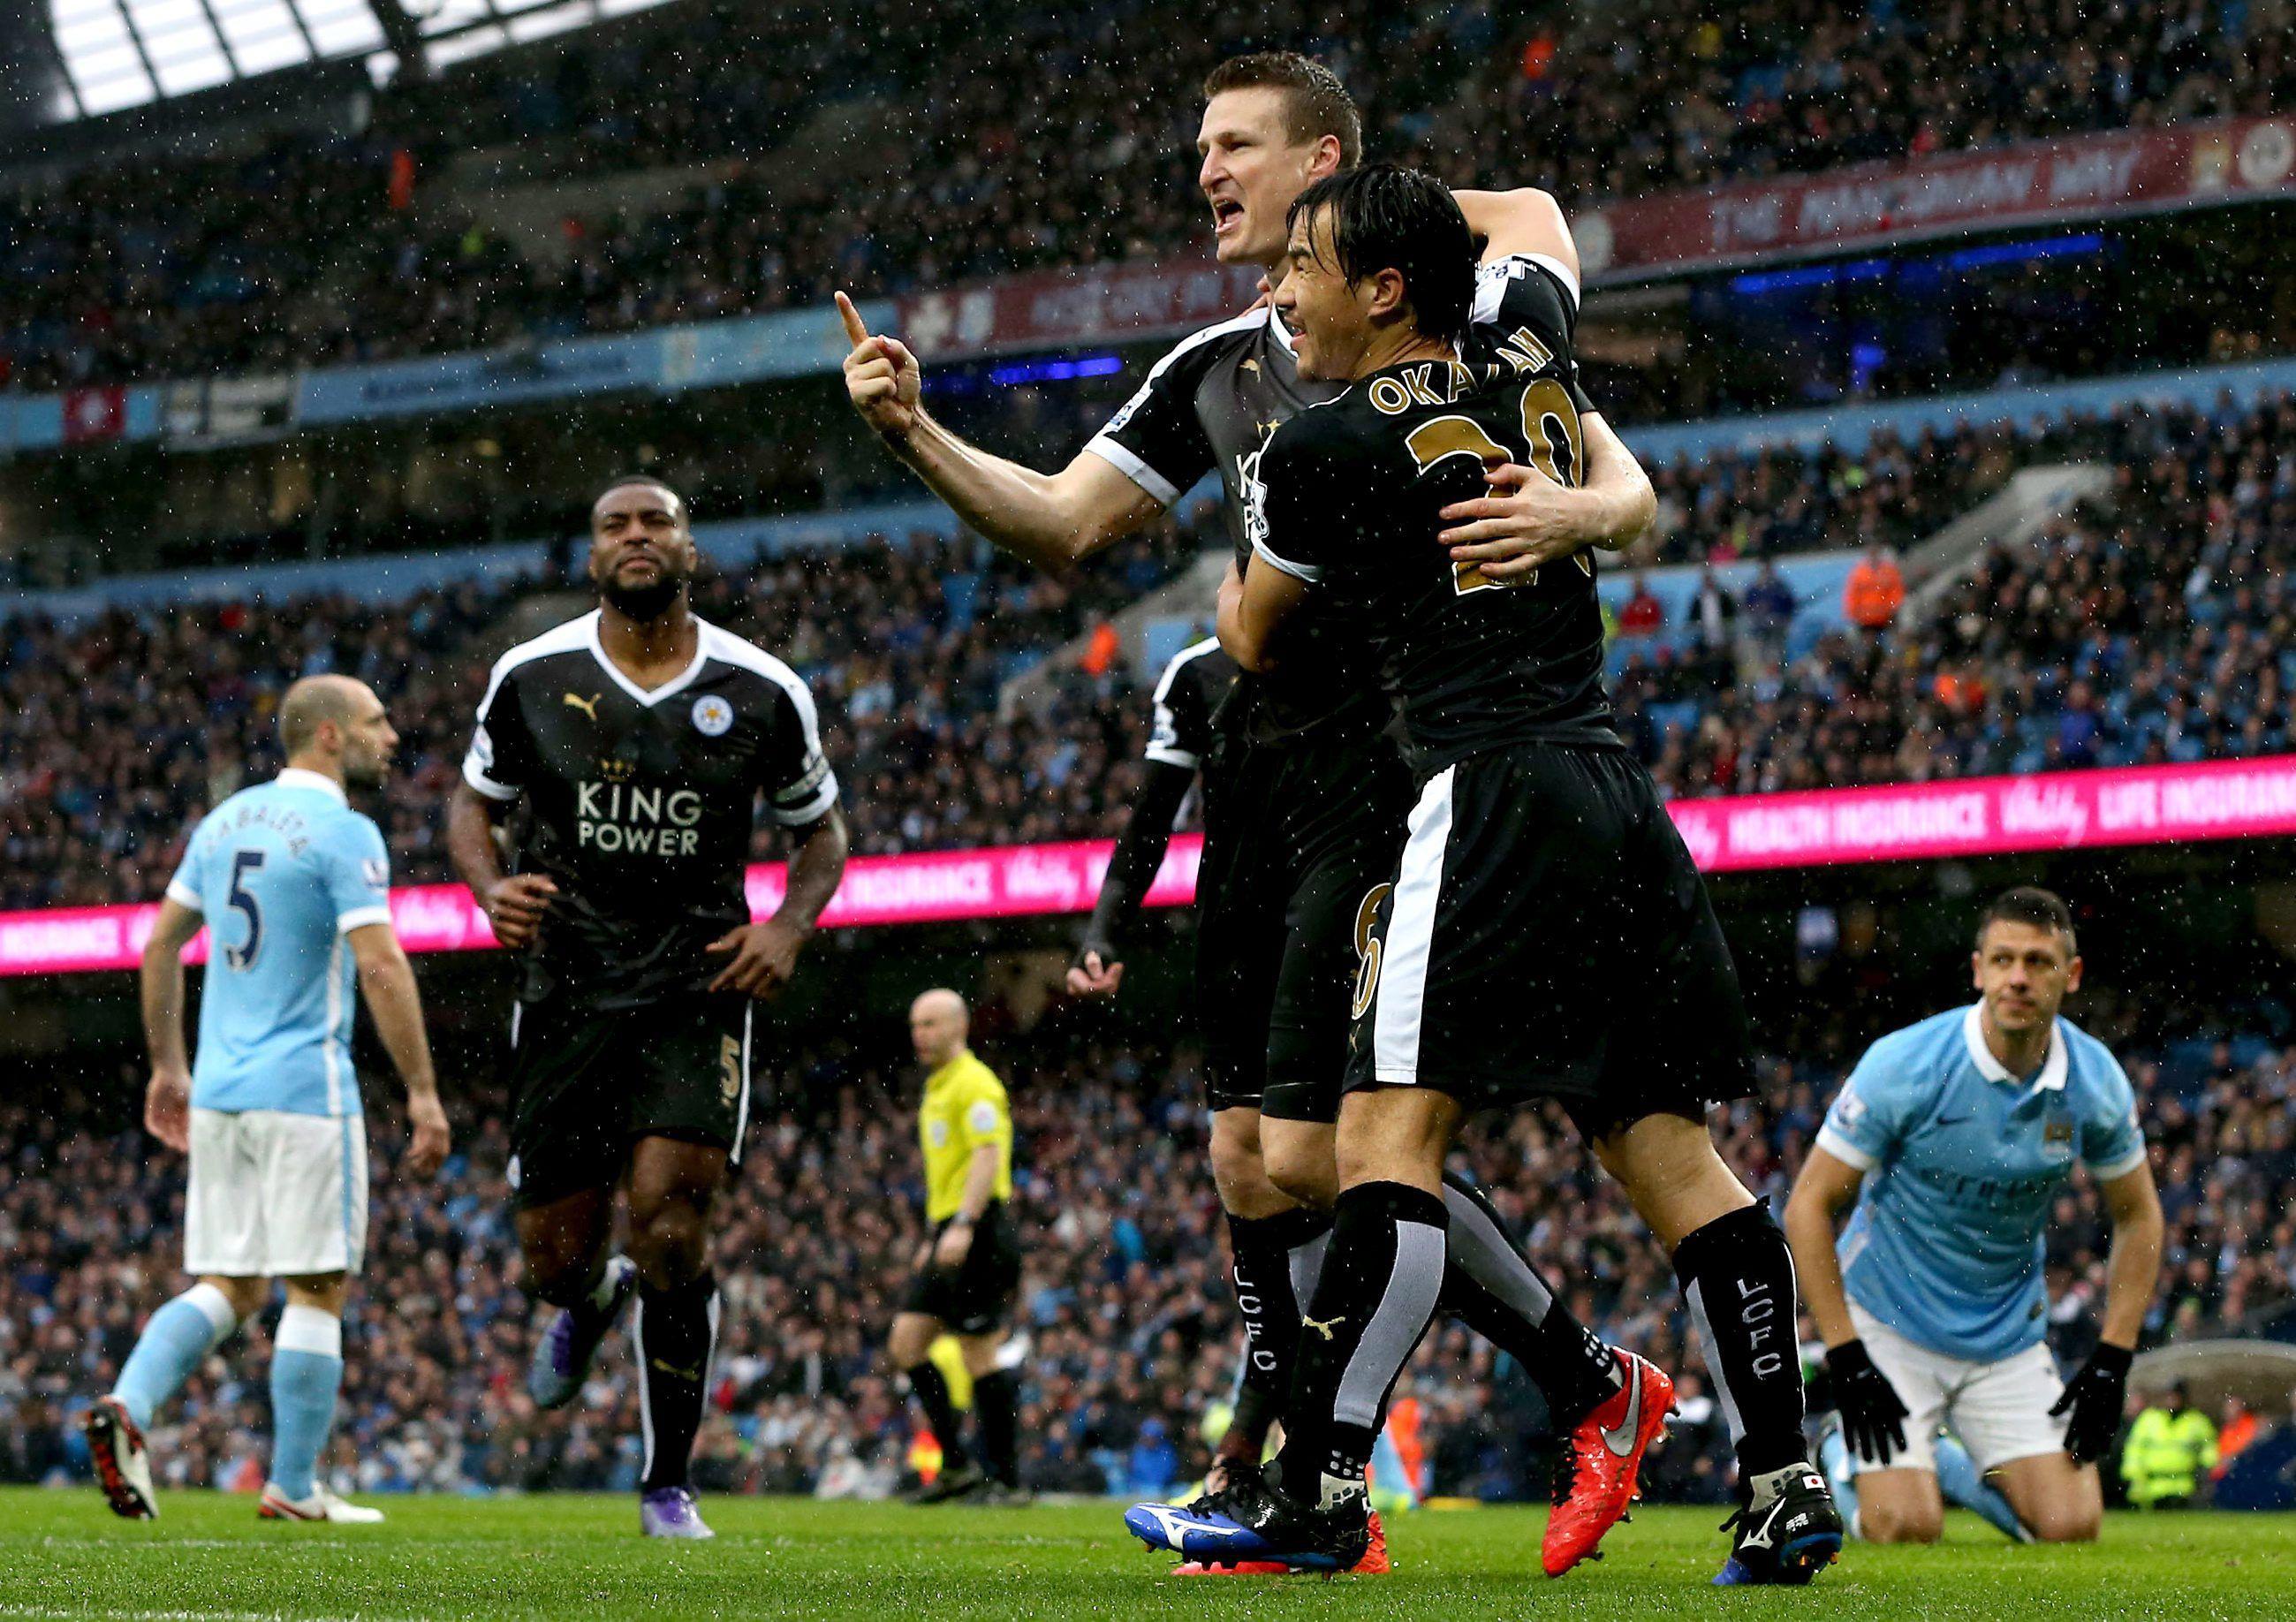 Con Agüero de arranque, el City buscará volver a la punta ante el líder Leicester